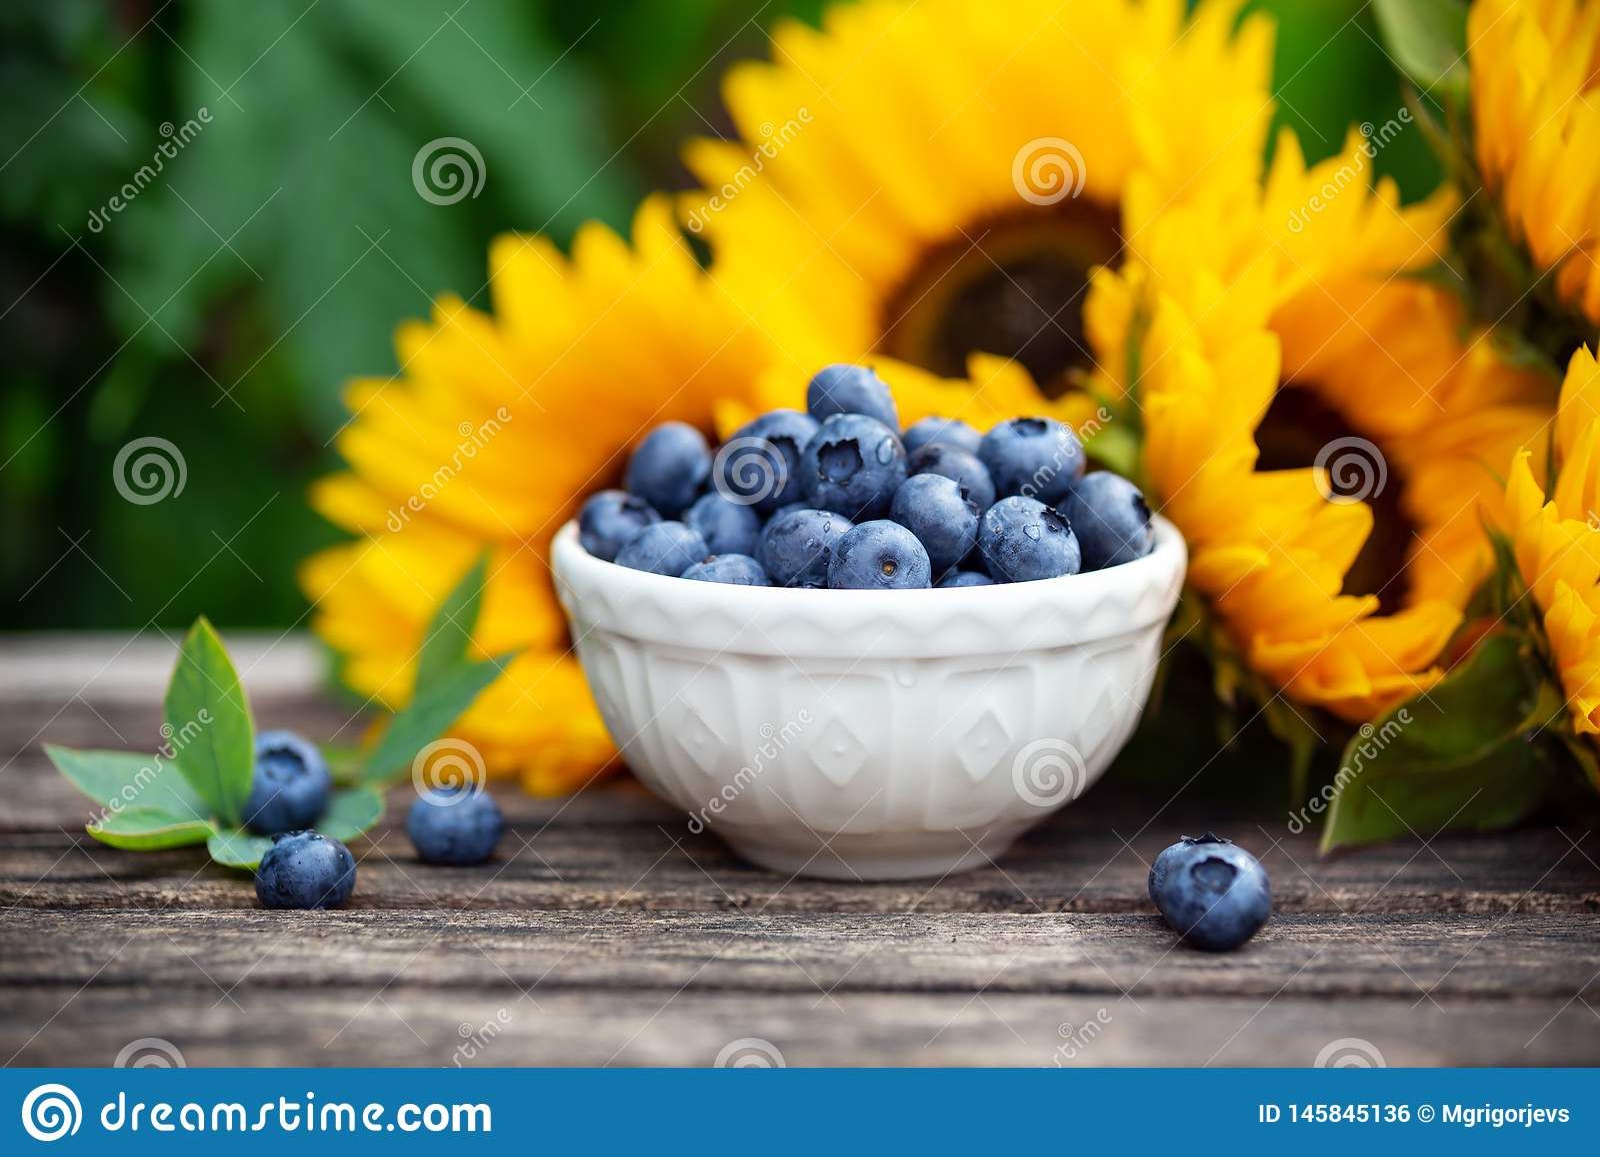 Reife Blaubeeren in der wei?en Sch?ssel mit Sonnenblumenblumenstrau? auf Holztisch, Sommerthema